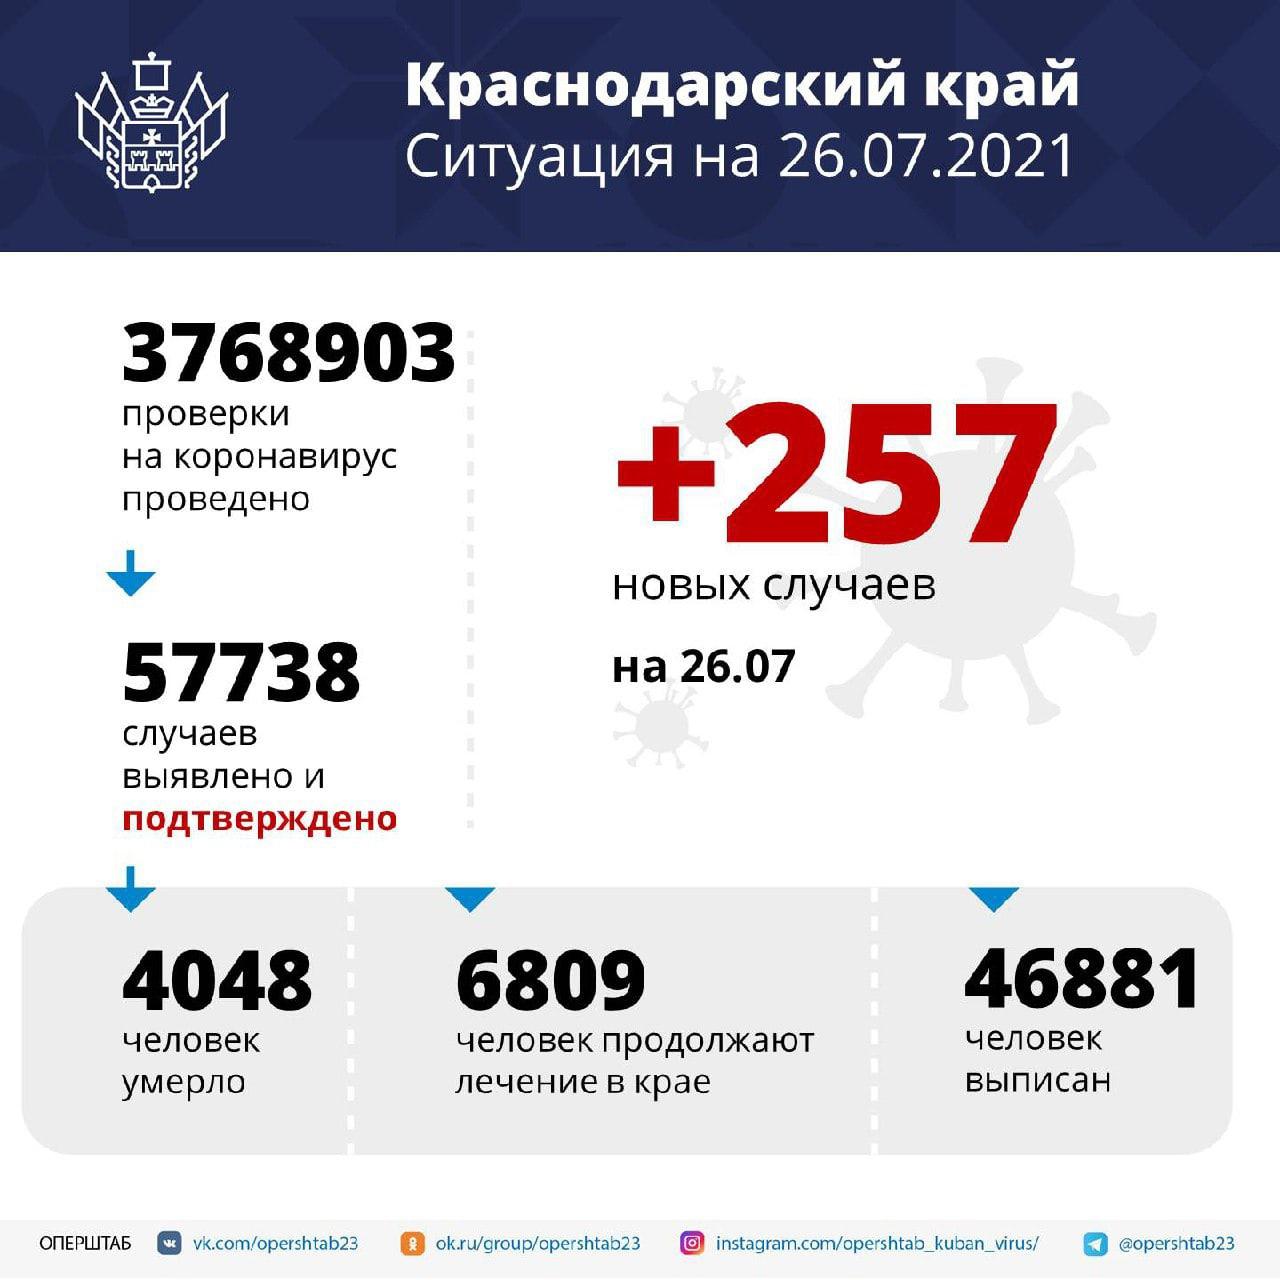 В Краснодарском крае за сутки зарегистрировали 257 заболевших...